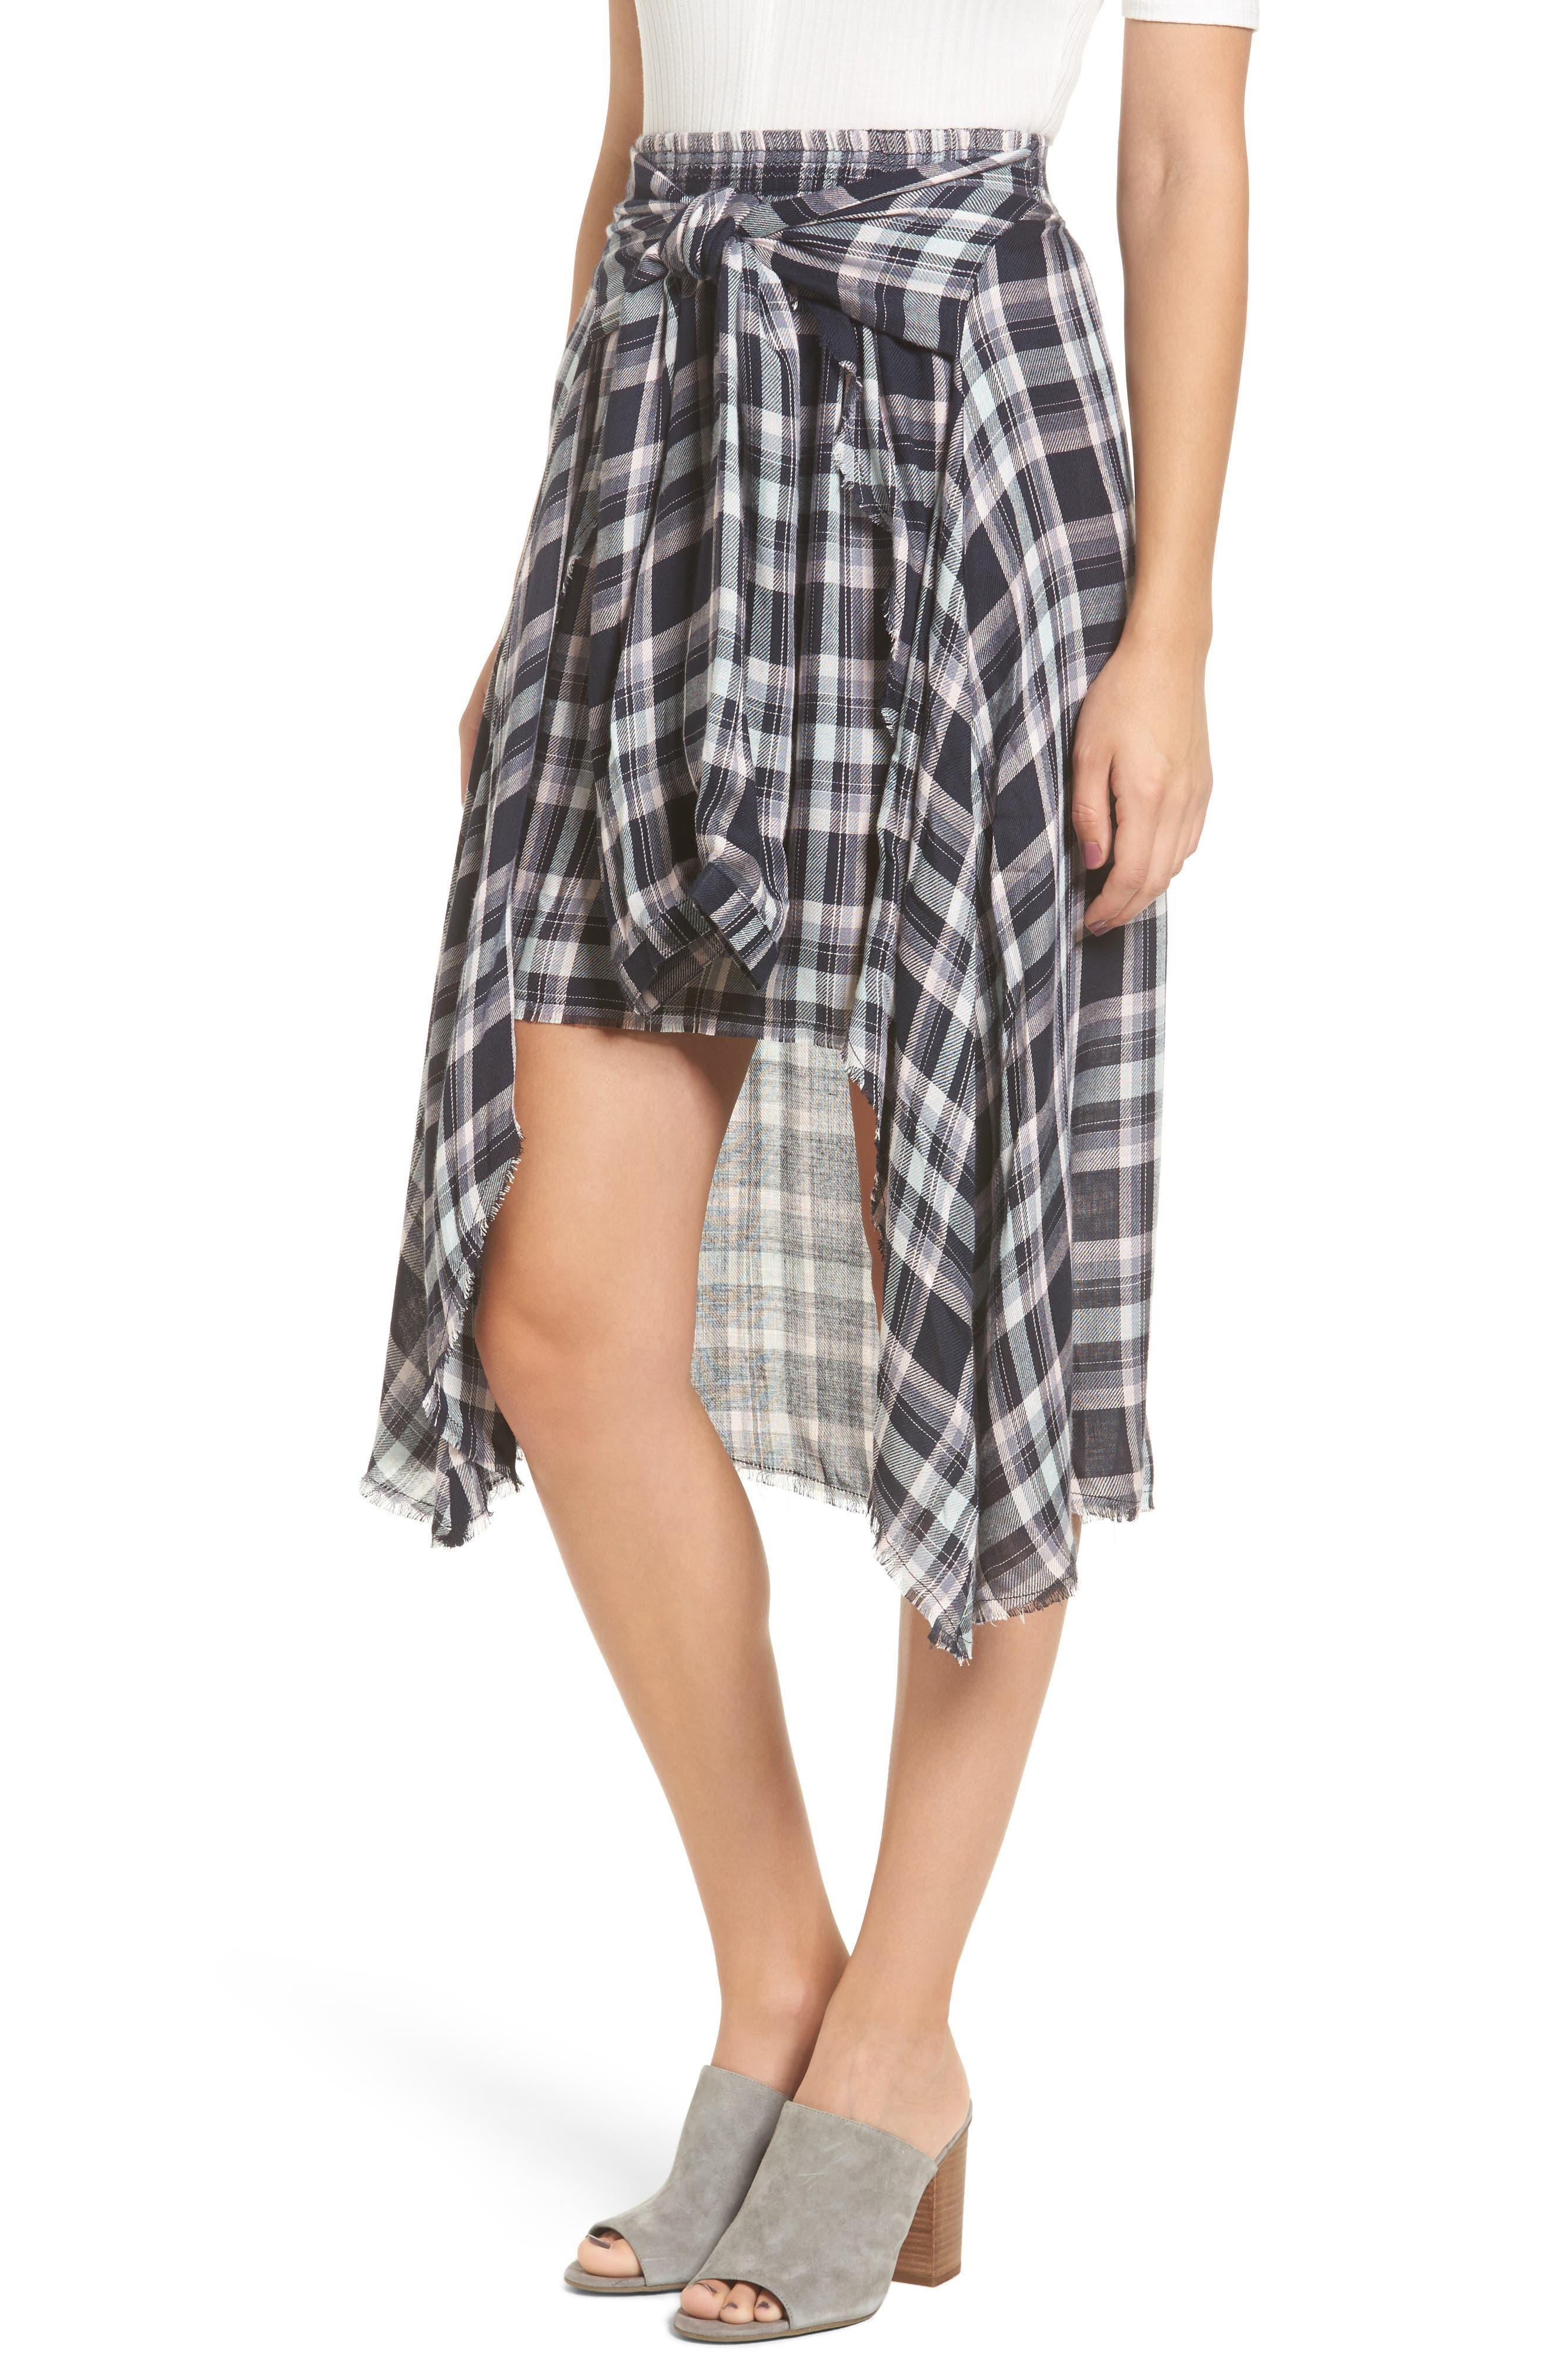 Alternate Image 1 Selected - Somedays Lovin When We Wake Plaid Skirt